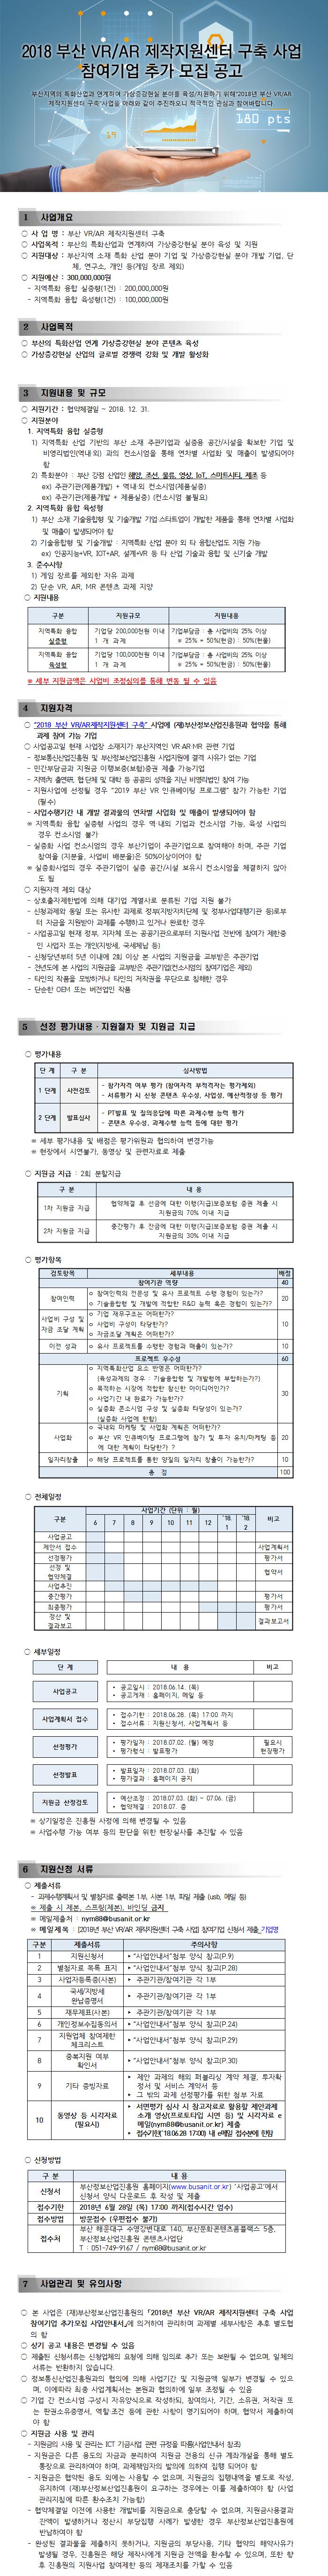 부산 VR/AR 제작지원센터 구축 사업 참여기업 추가모집